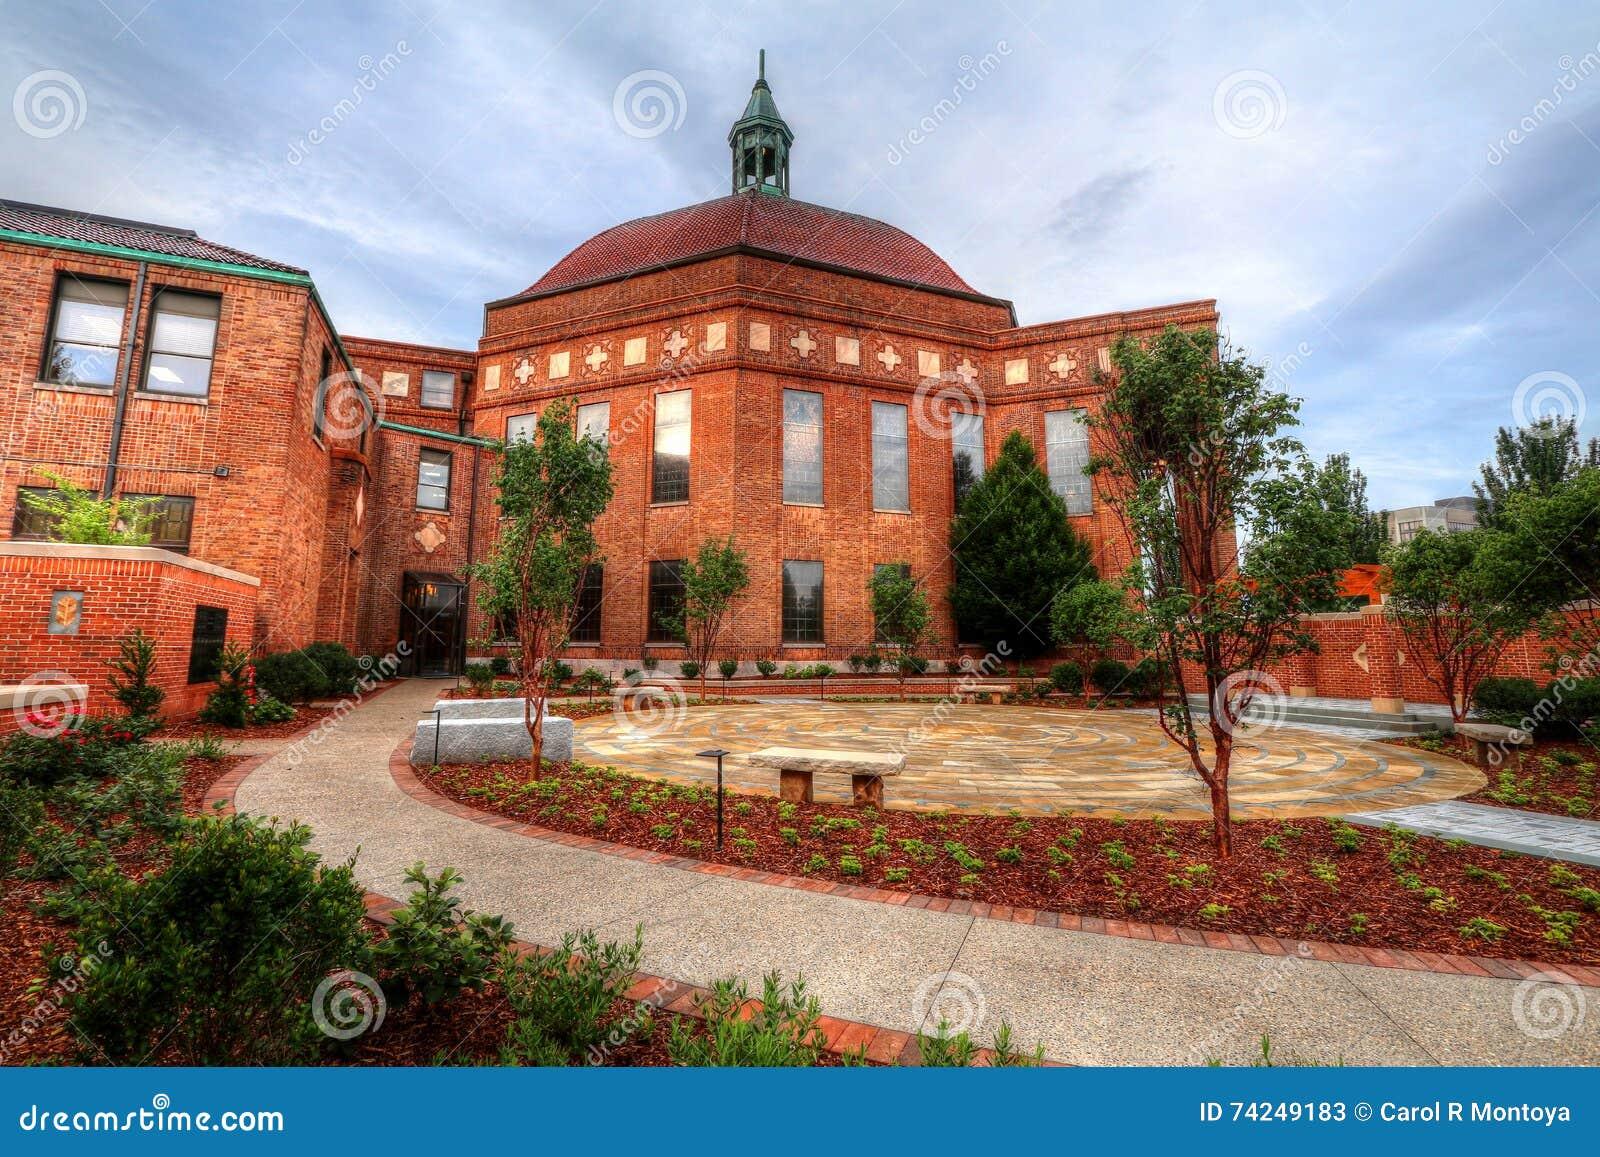 First Baptist Church The Sacred Garden Asheville North Carolina ...